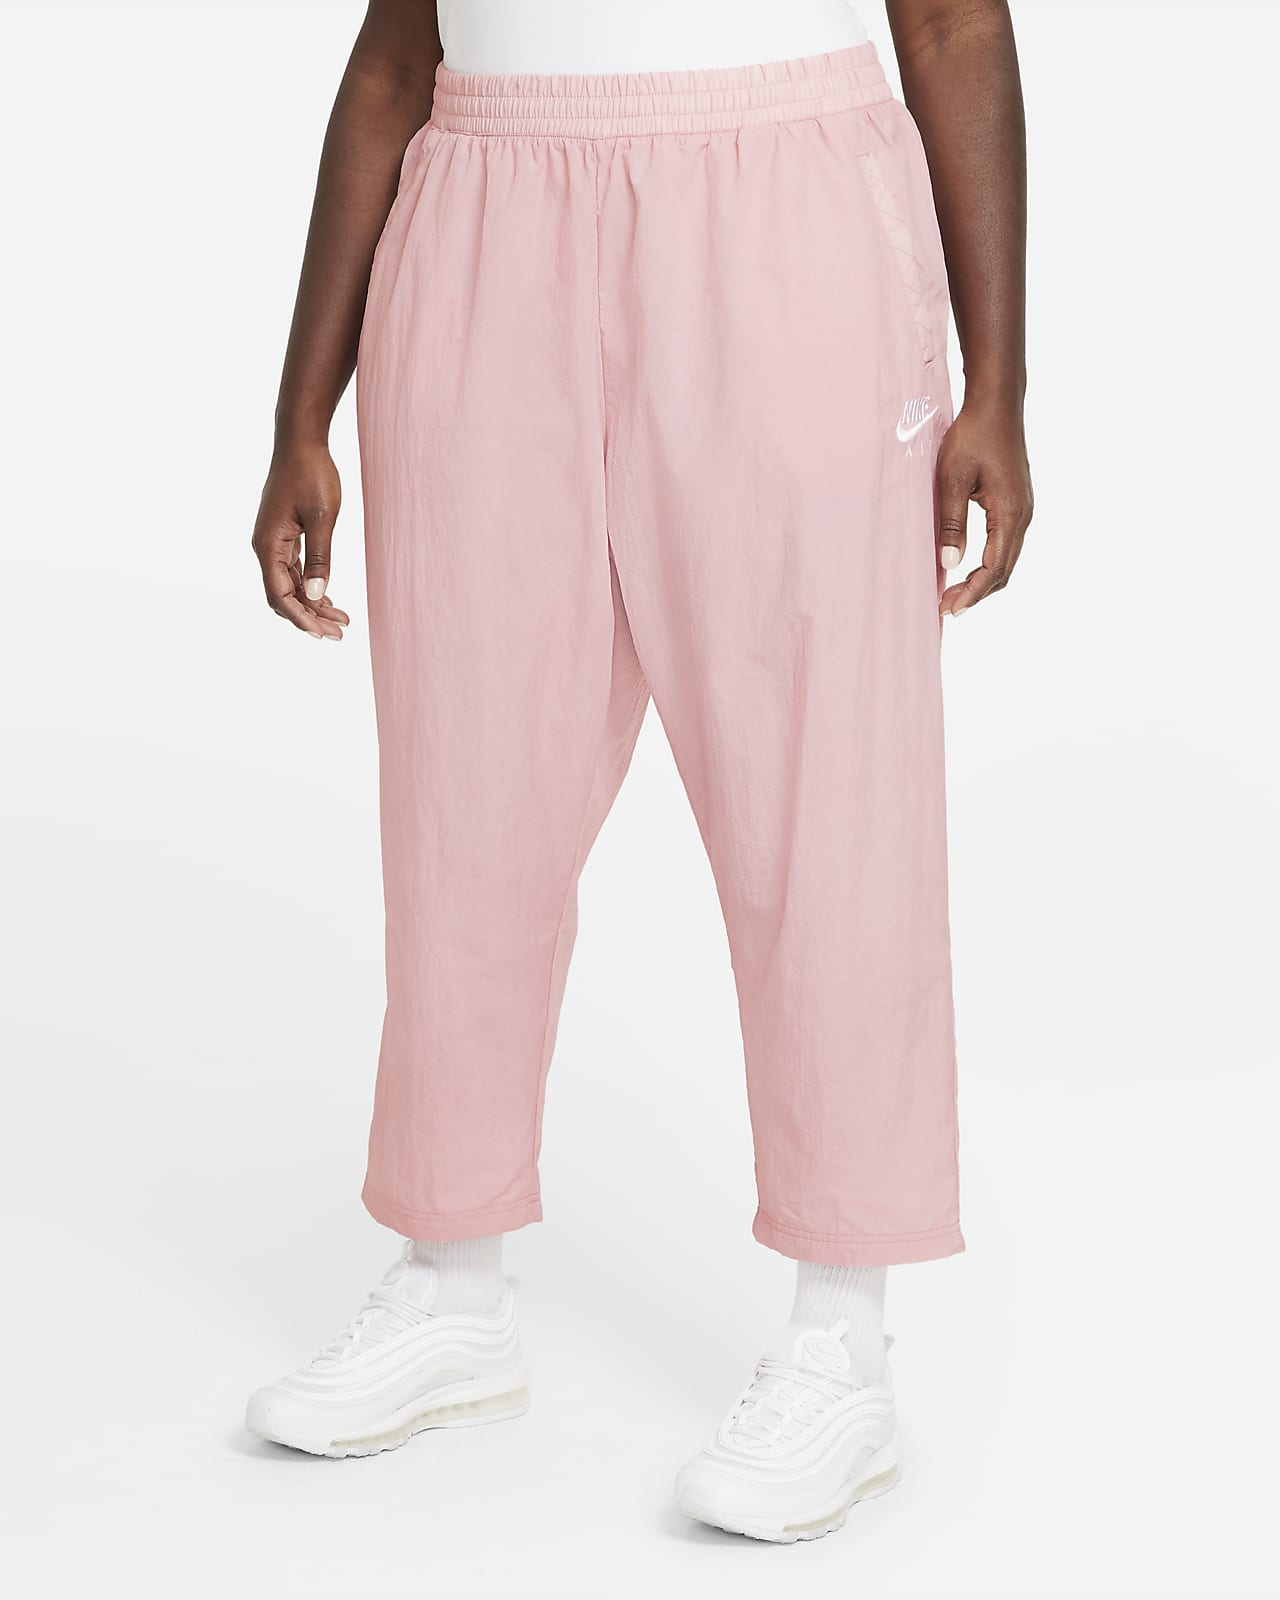 Pantalon tissé Nike Air pour Femme (grande taille)